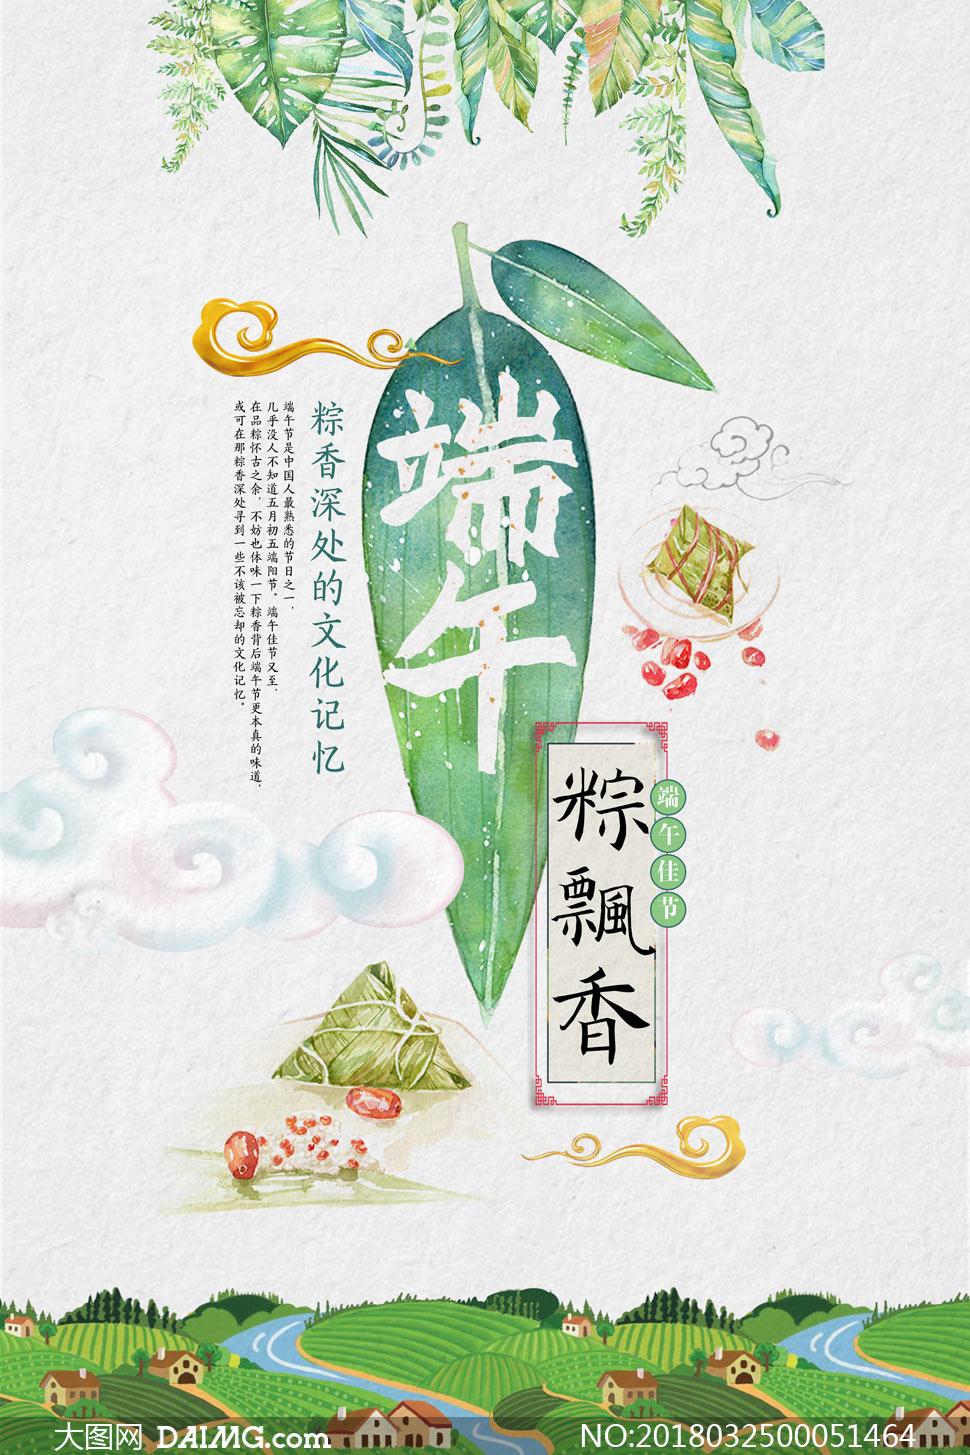 粽子花纹端午文化手绘植物叶子水彩背景端午节素材端午节广告端午节